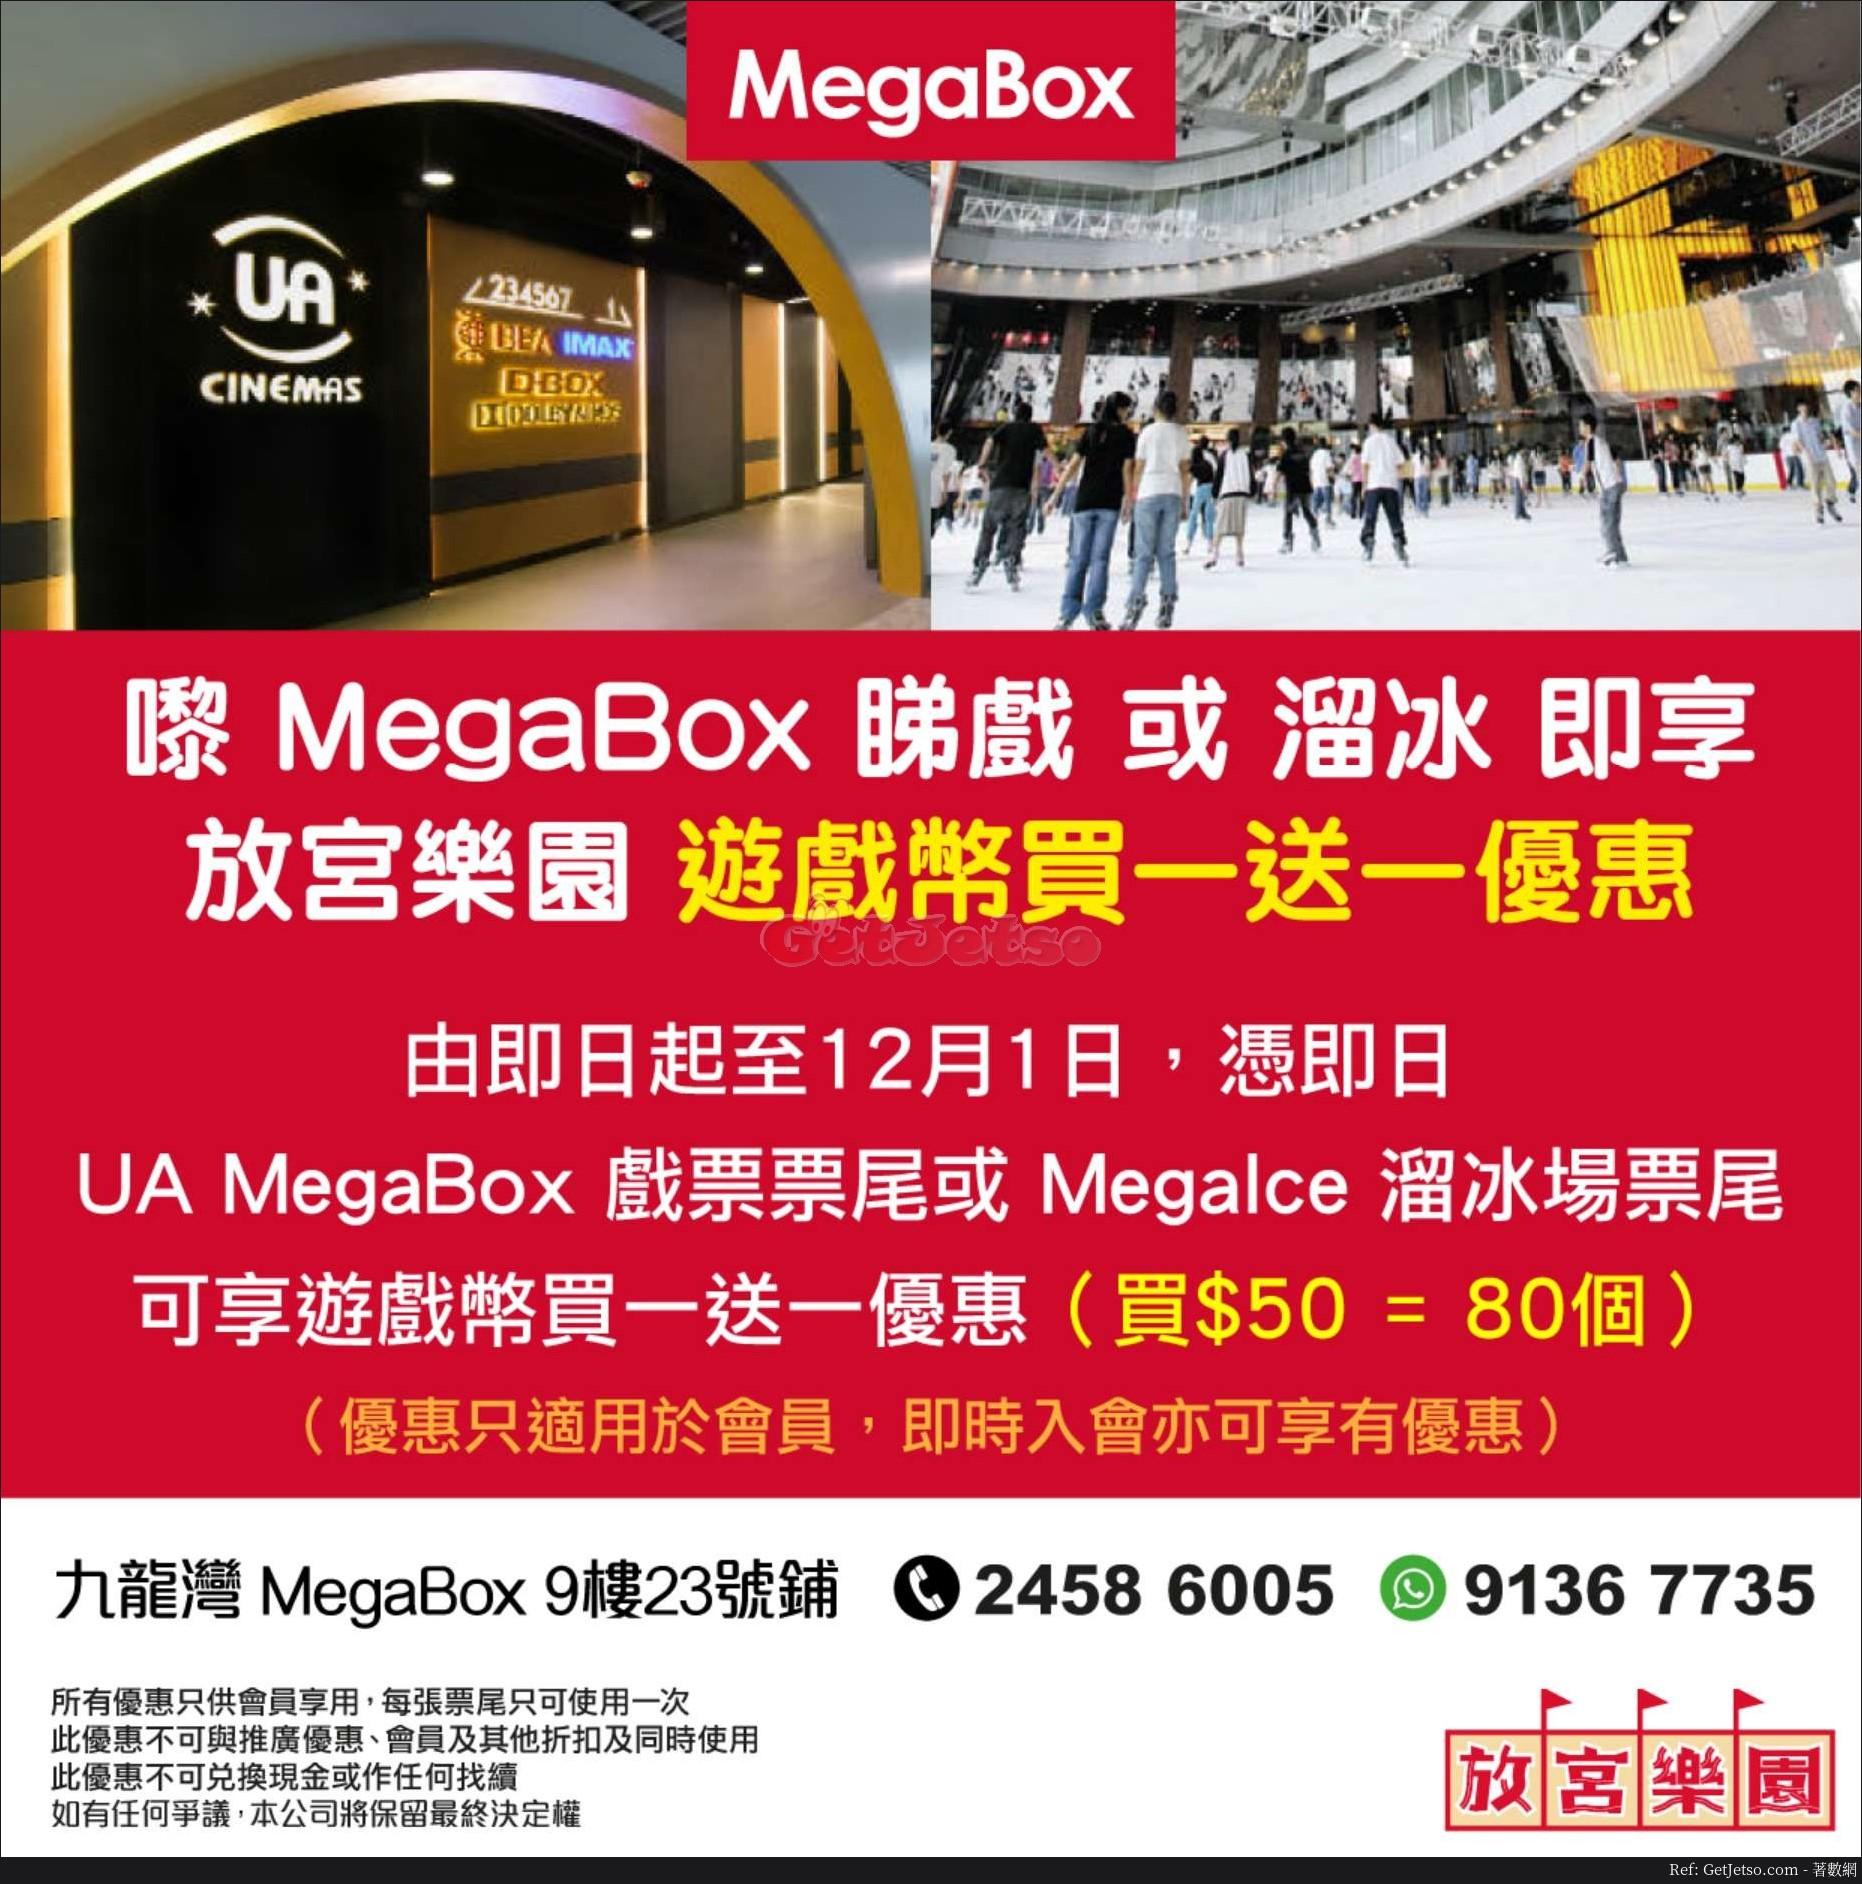 放宮樂園遊戲幣買1送1優惠@MegaBox - Get Jetso 著數優惠網